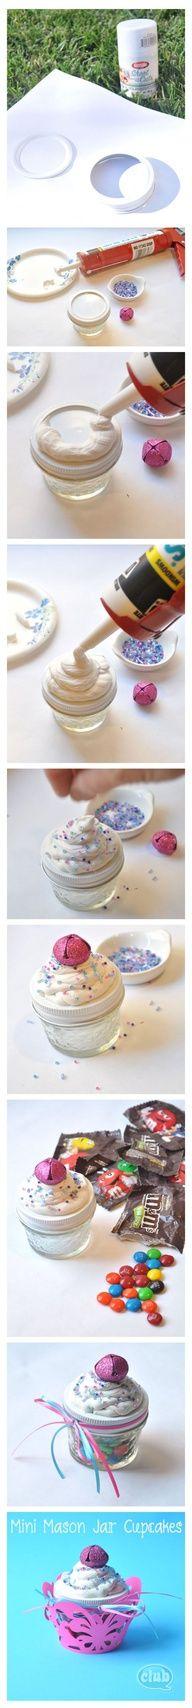 Mini Mason Jar Candy Cupcakes DIY craft using caulk and beads.